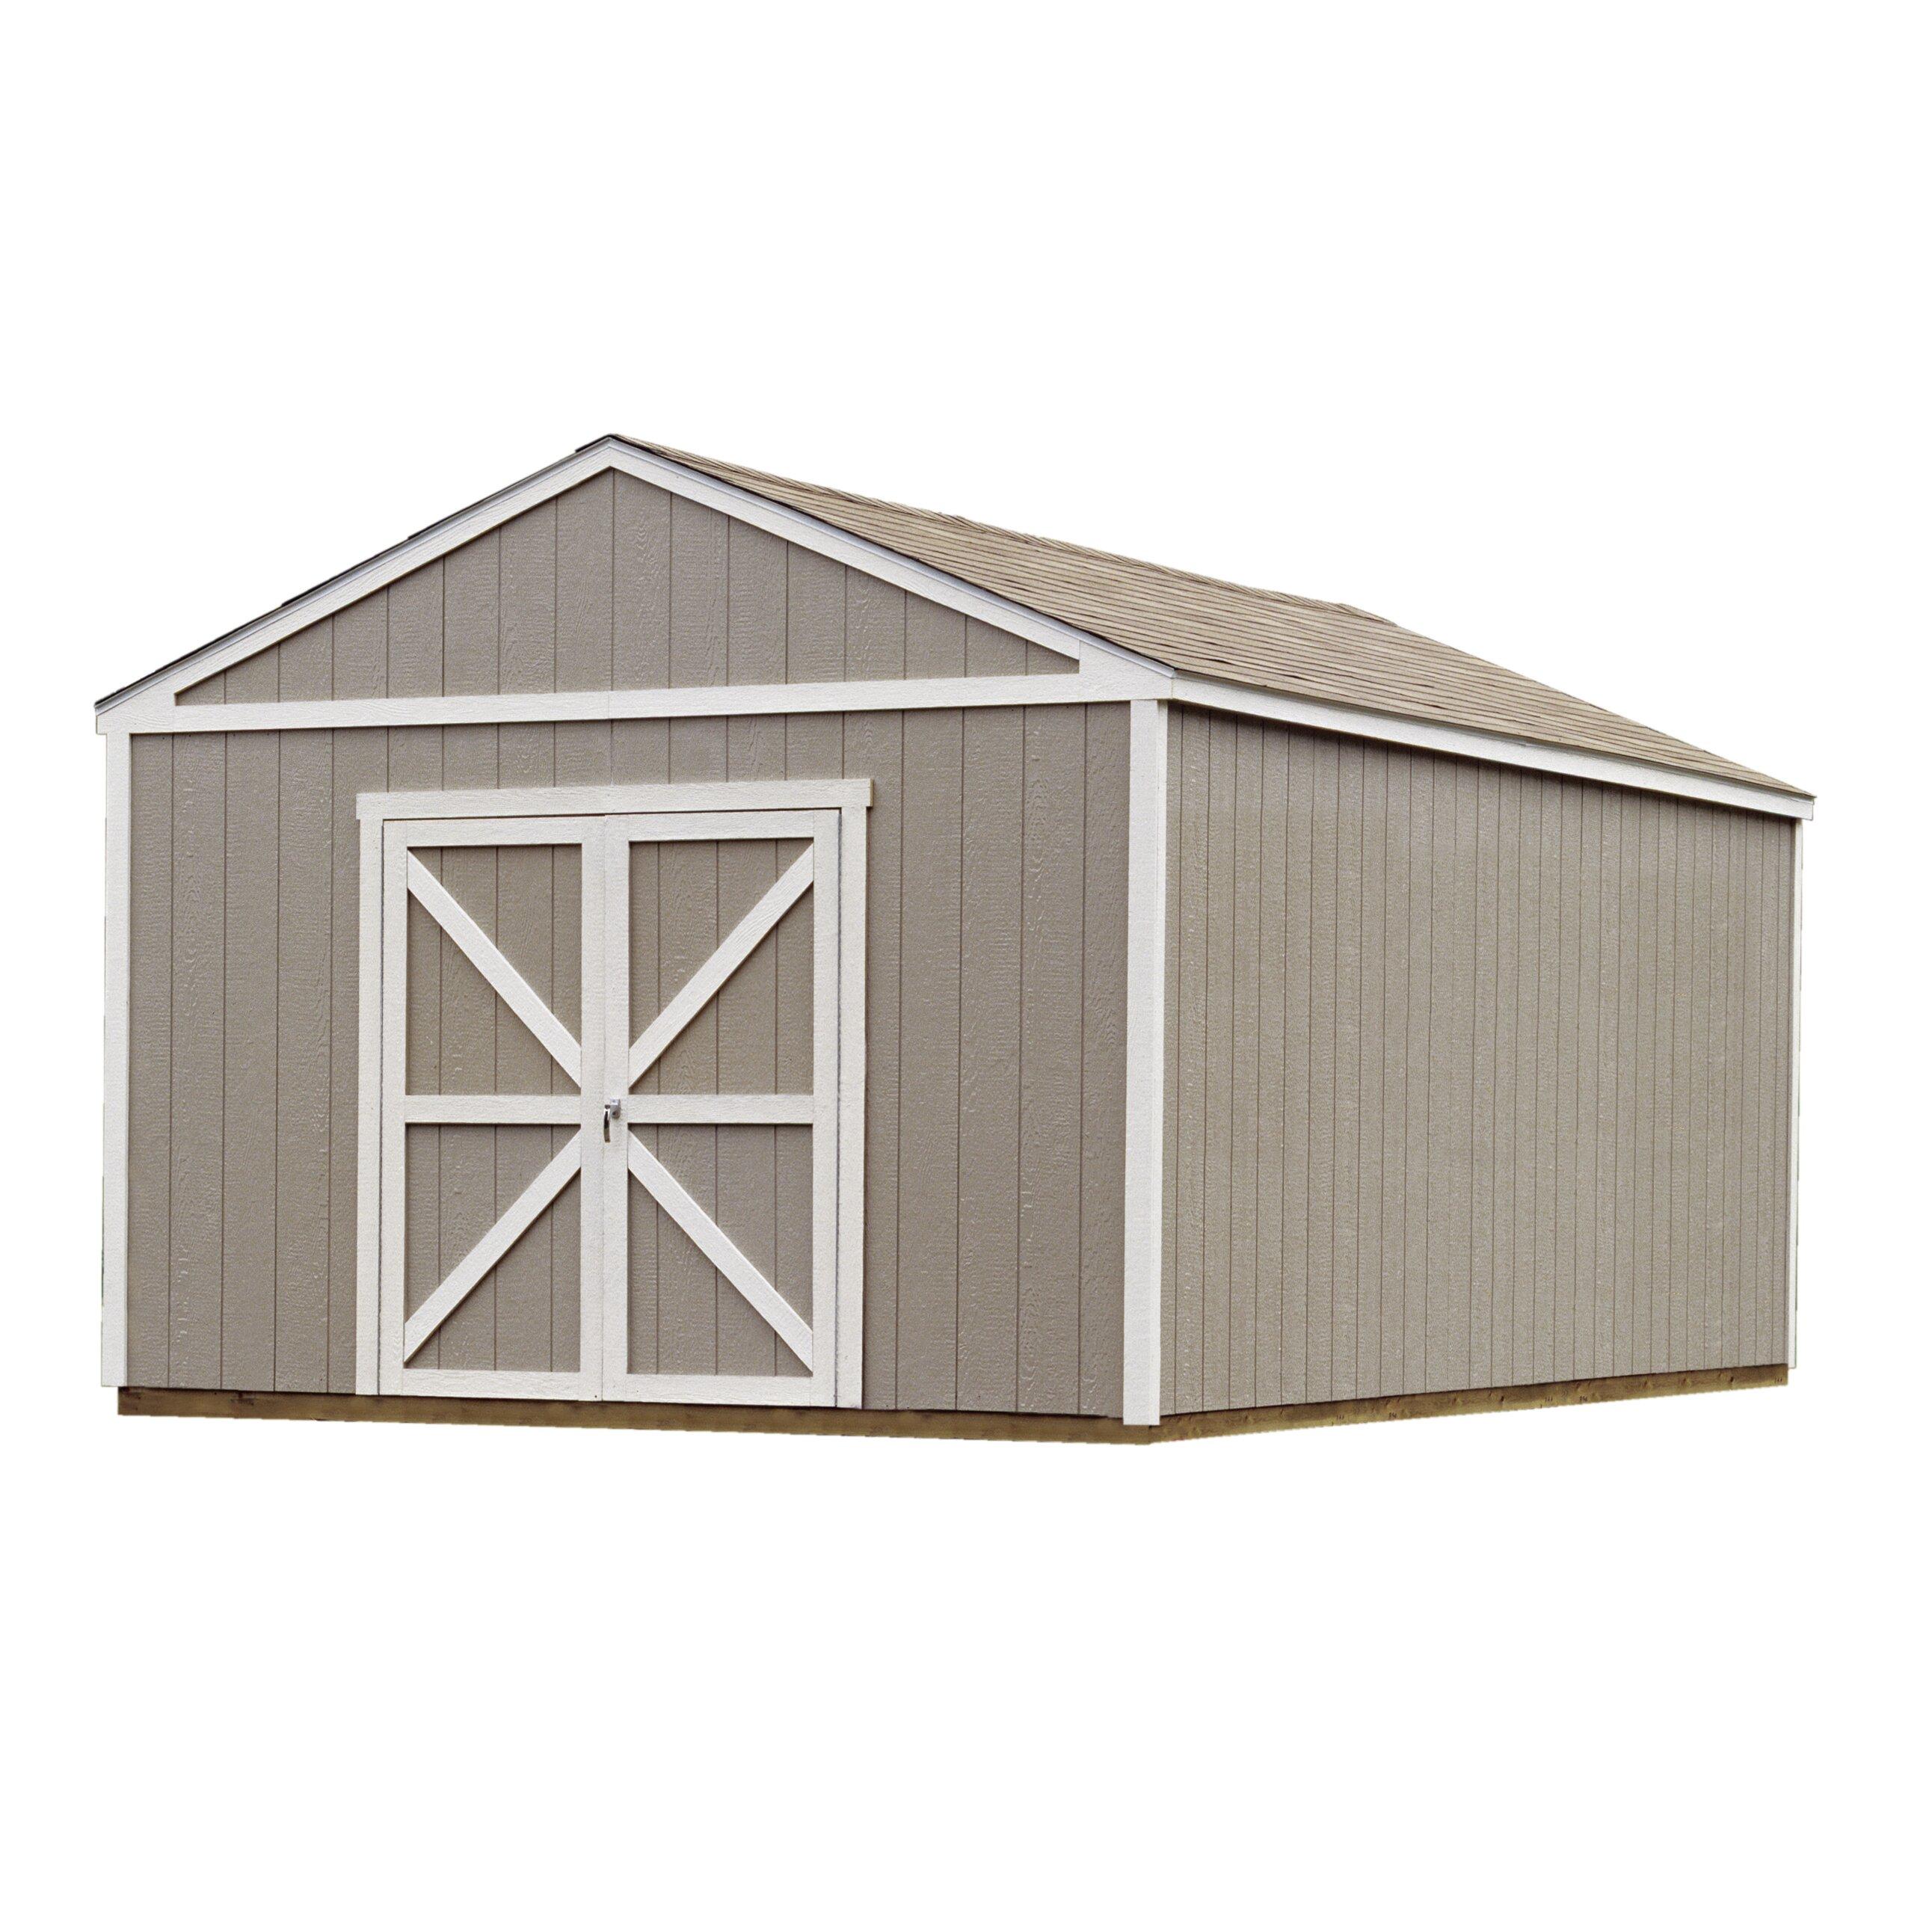 Outdoor Outdoor Storage Sheds Handy Home SKU: HHP1172